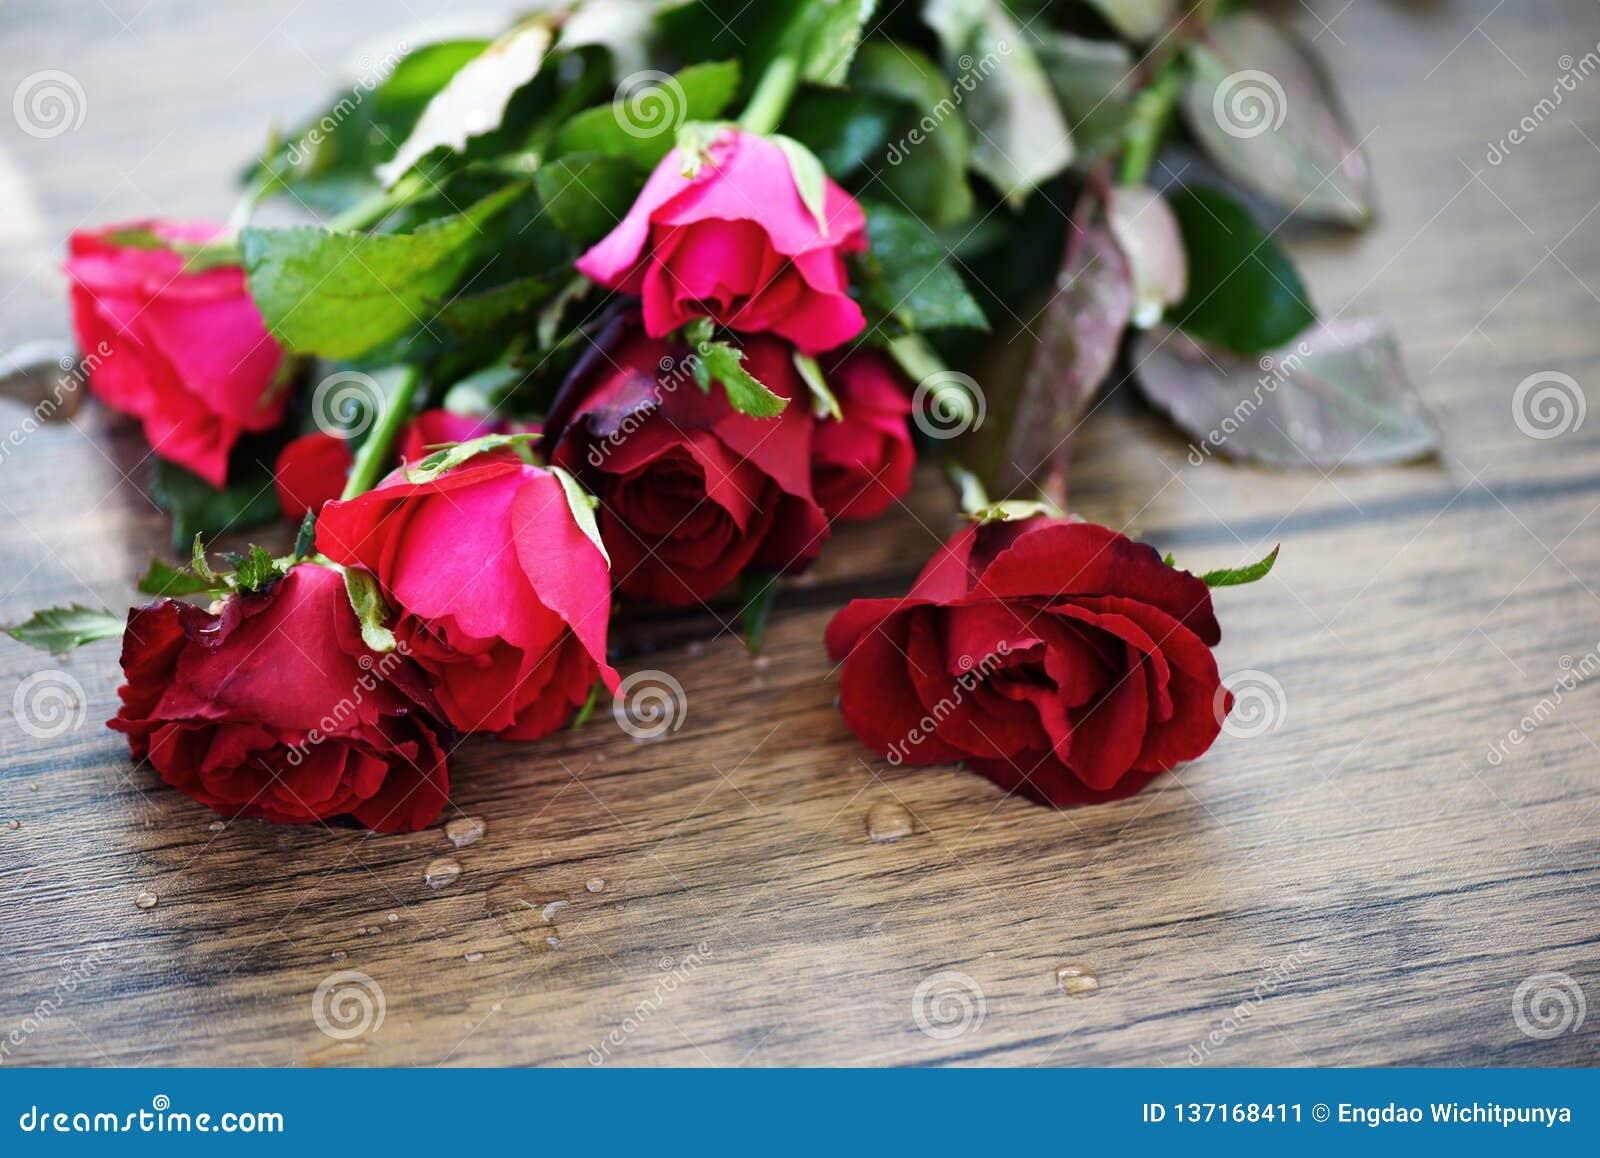 Mazzo del fiore della rosa rossa/rosa ed amore di giorno di biglietti di S. Valentino delle rose rosse sulla tavola di legno